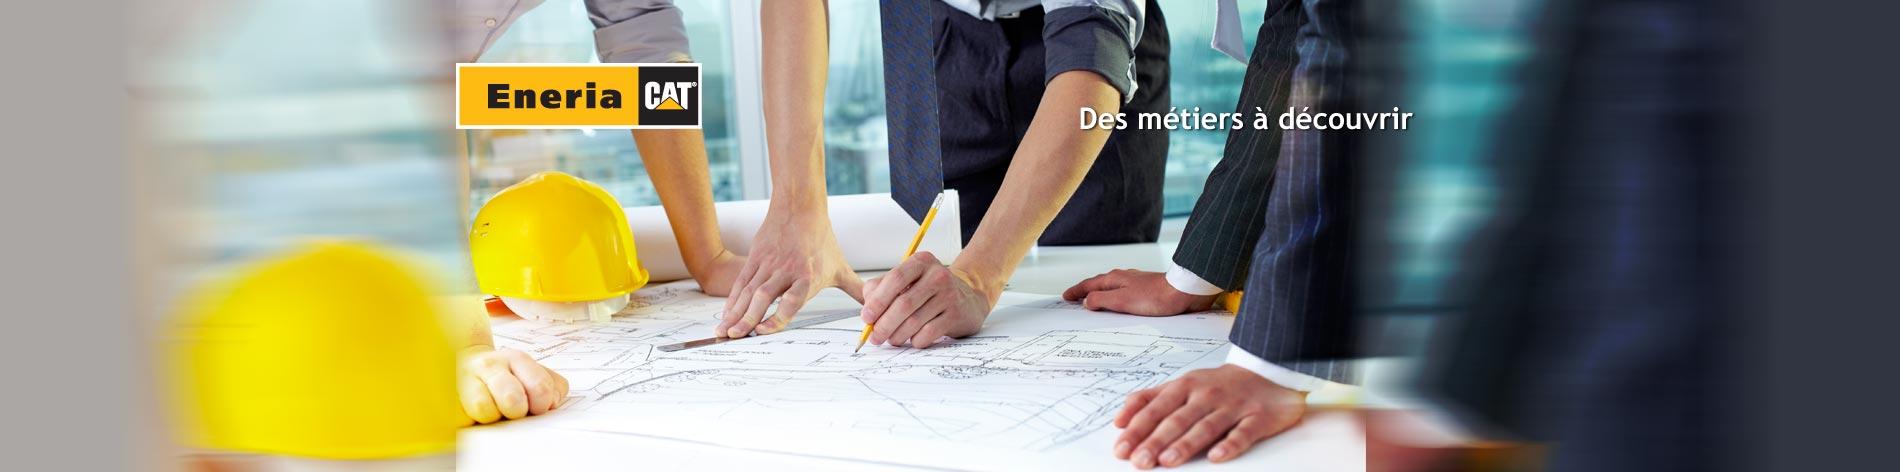 Nos activités s'appuient sur une diversité de métiers, qui font appel à des compétences et des profils très variés.